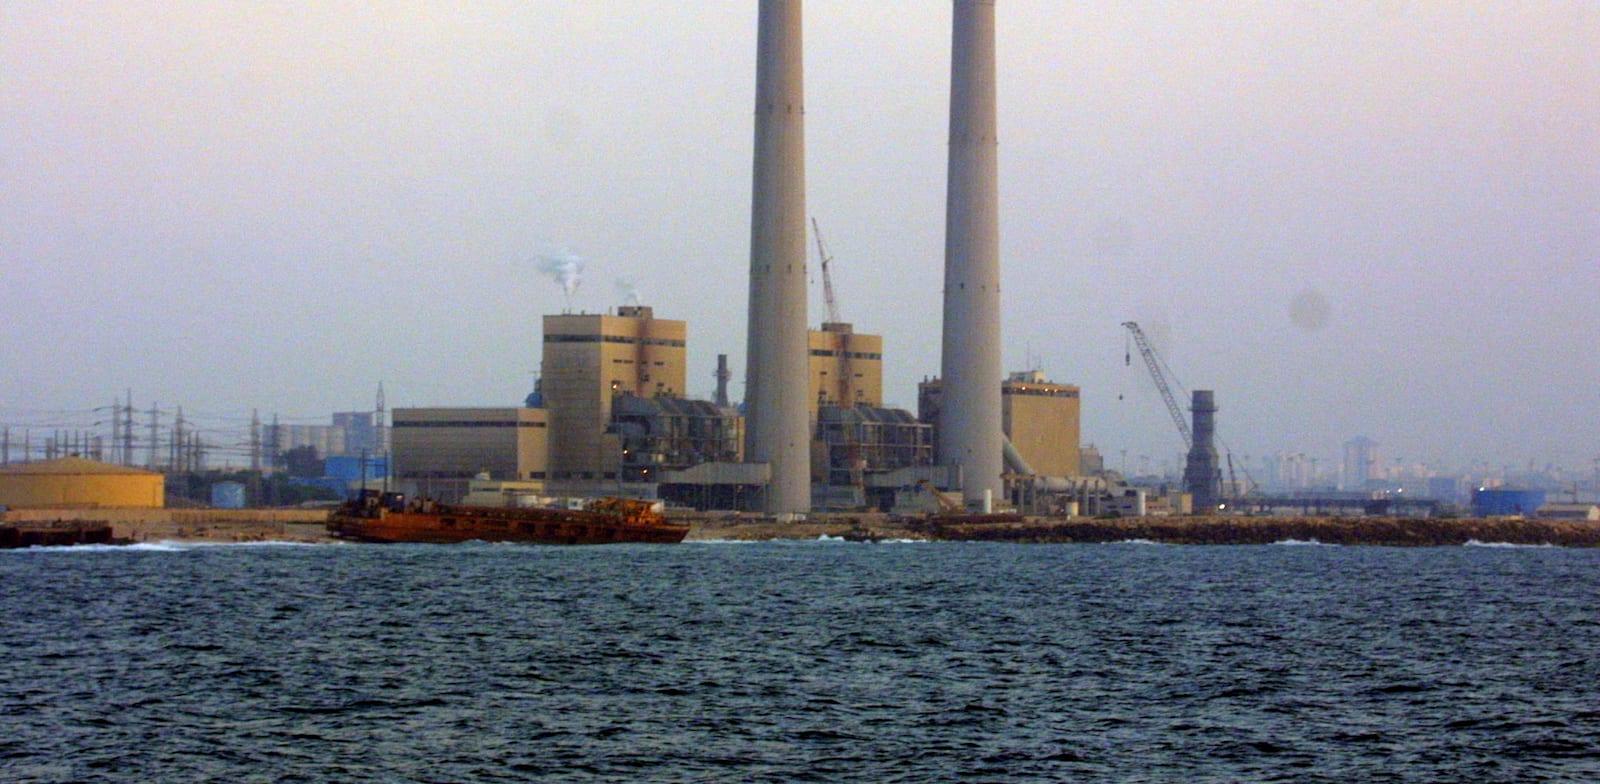 תחנת כוח אשכול / צילום: יוסי וייס חברת החשמל